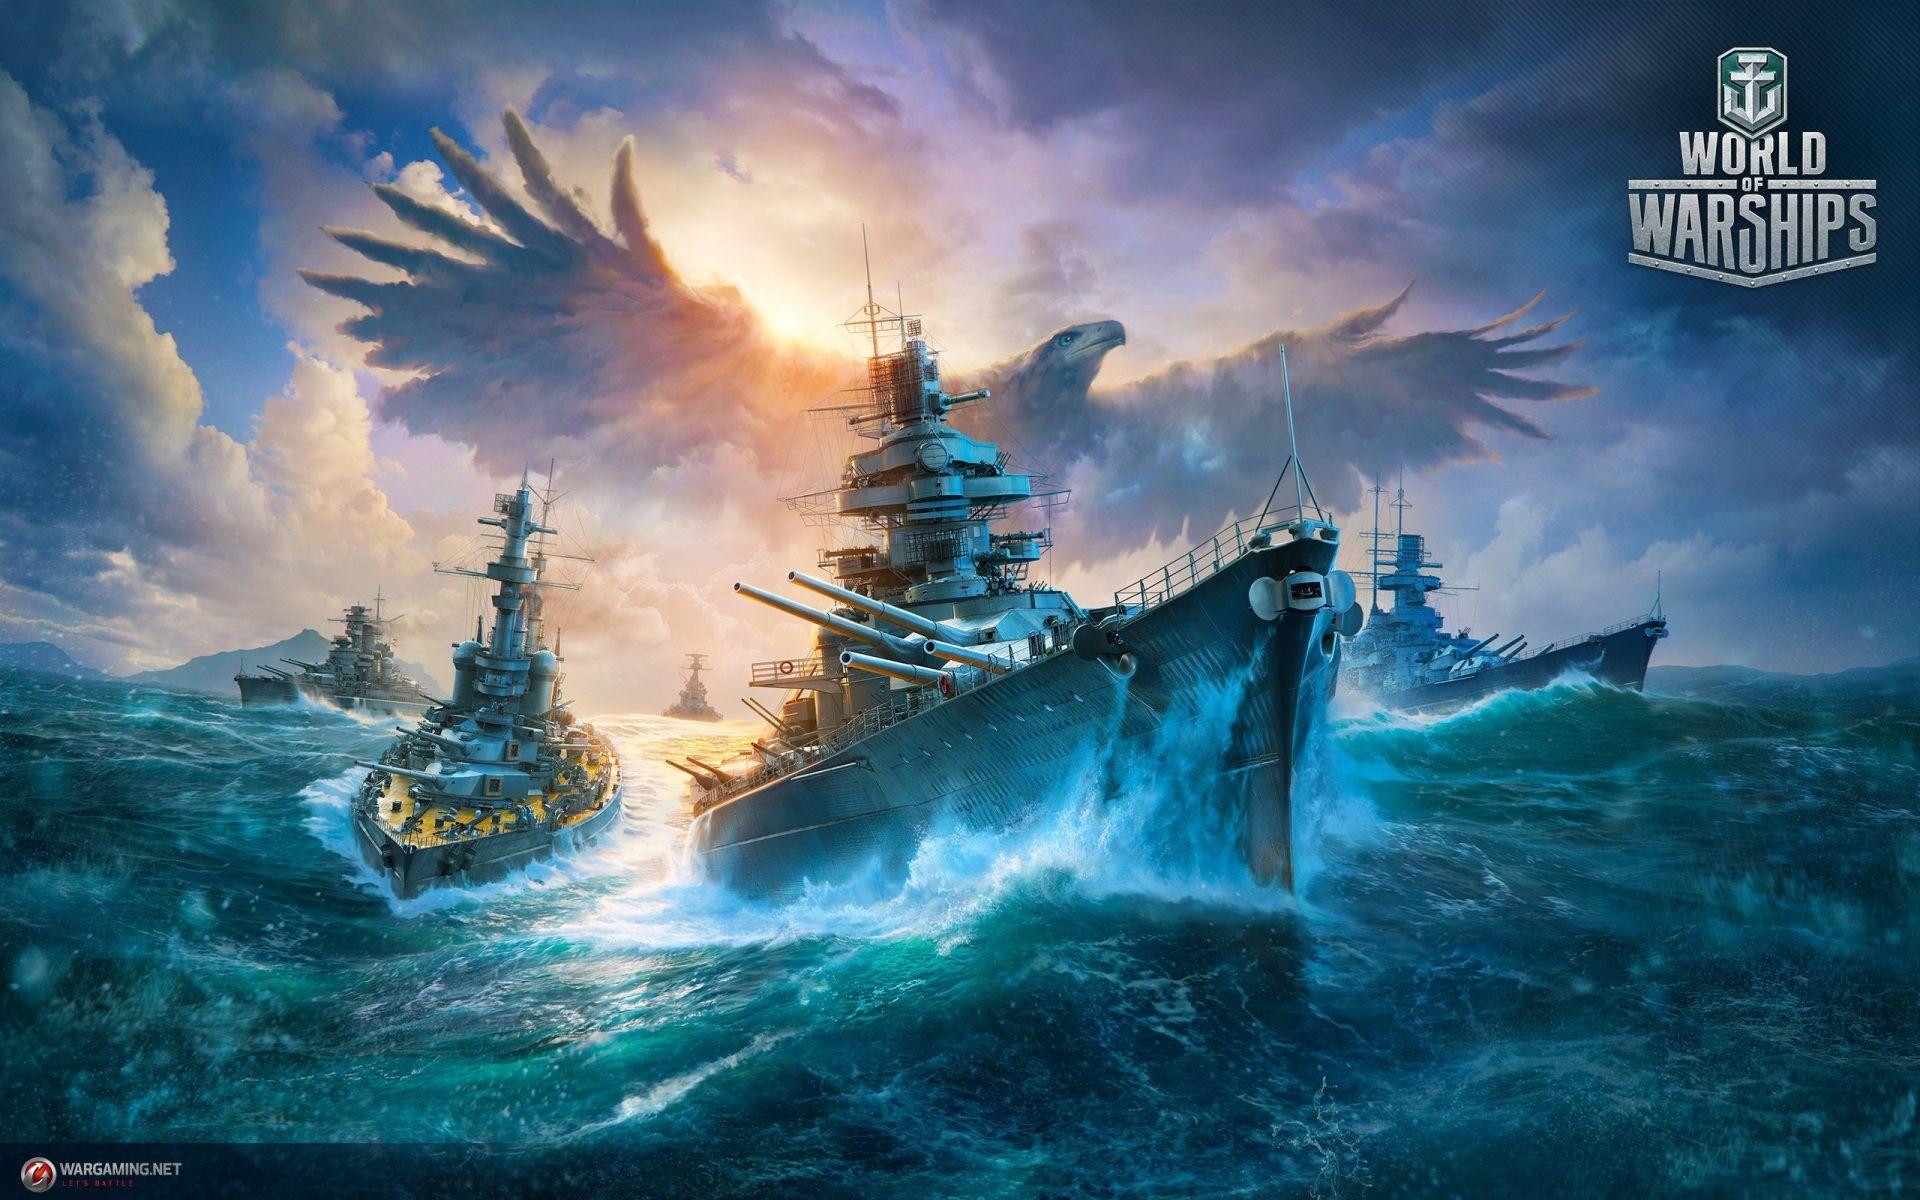 1920x1200 World Of Warships Desktop Wallpaper High Resolution Free Download World Of Warships Wallpaper Warship Warship Games